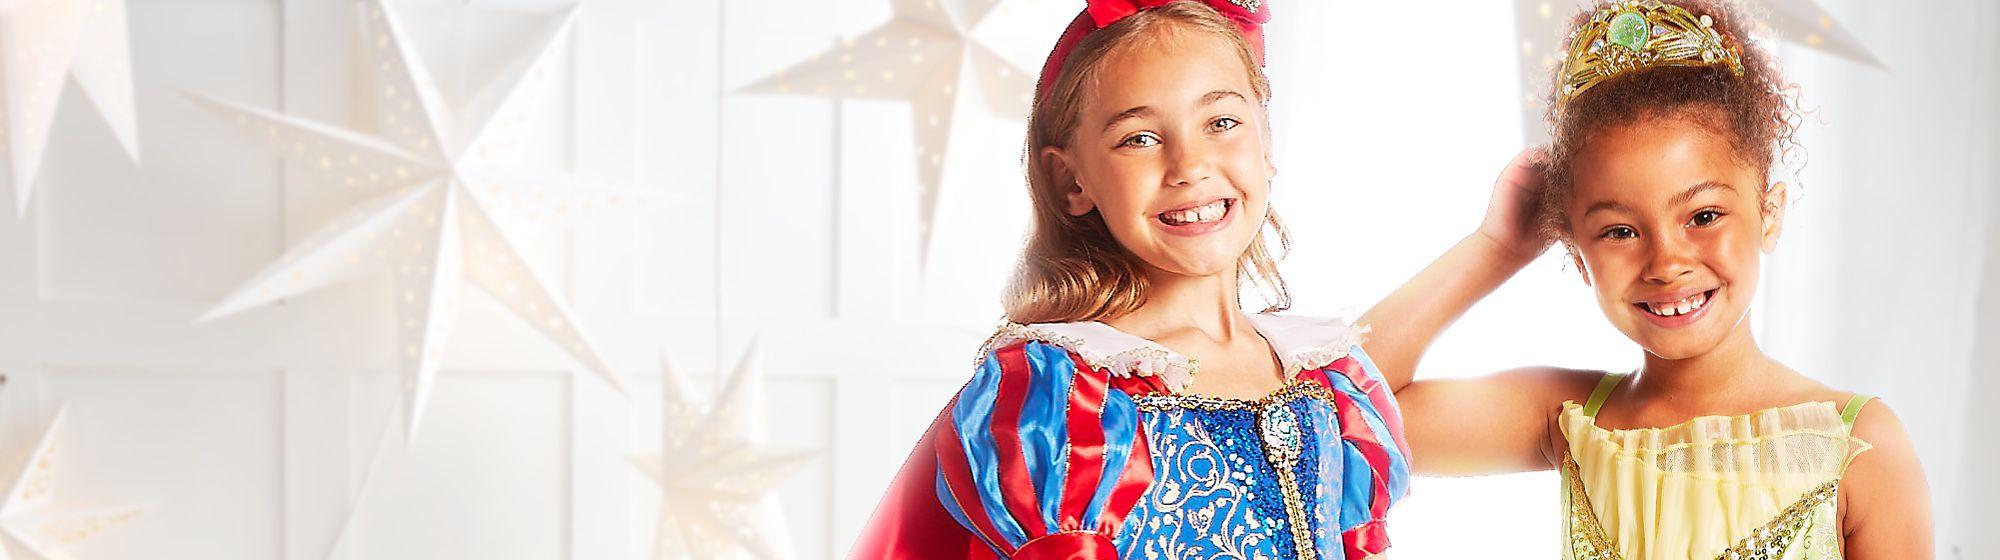 Déguisements Princesses Disney Votre rêve de prendre l'apparence de Belle, Elsa ou Blanche-Neige devient réalité grâce aux déguisements de princesses Disney !